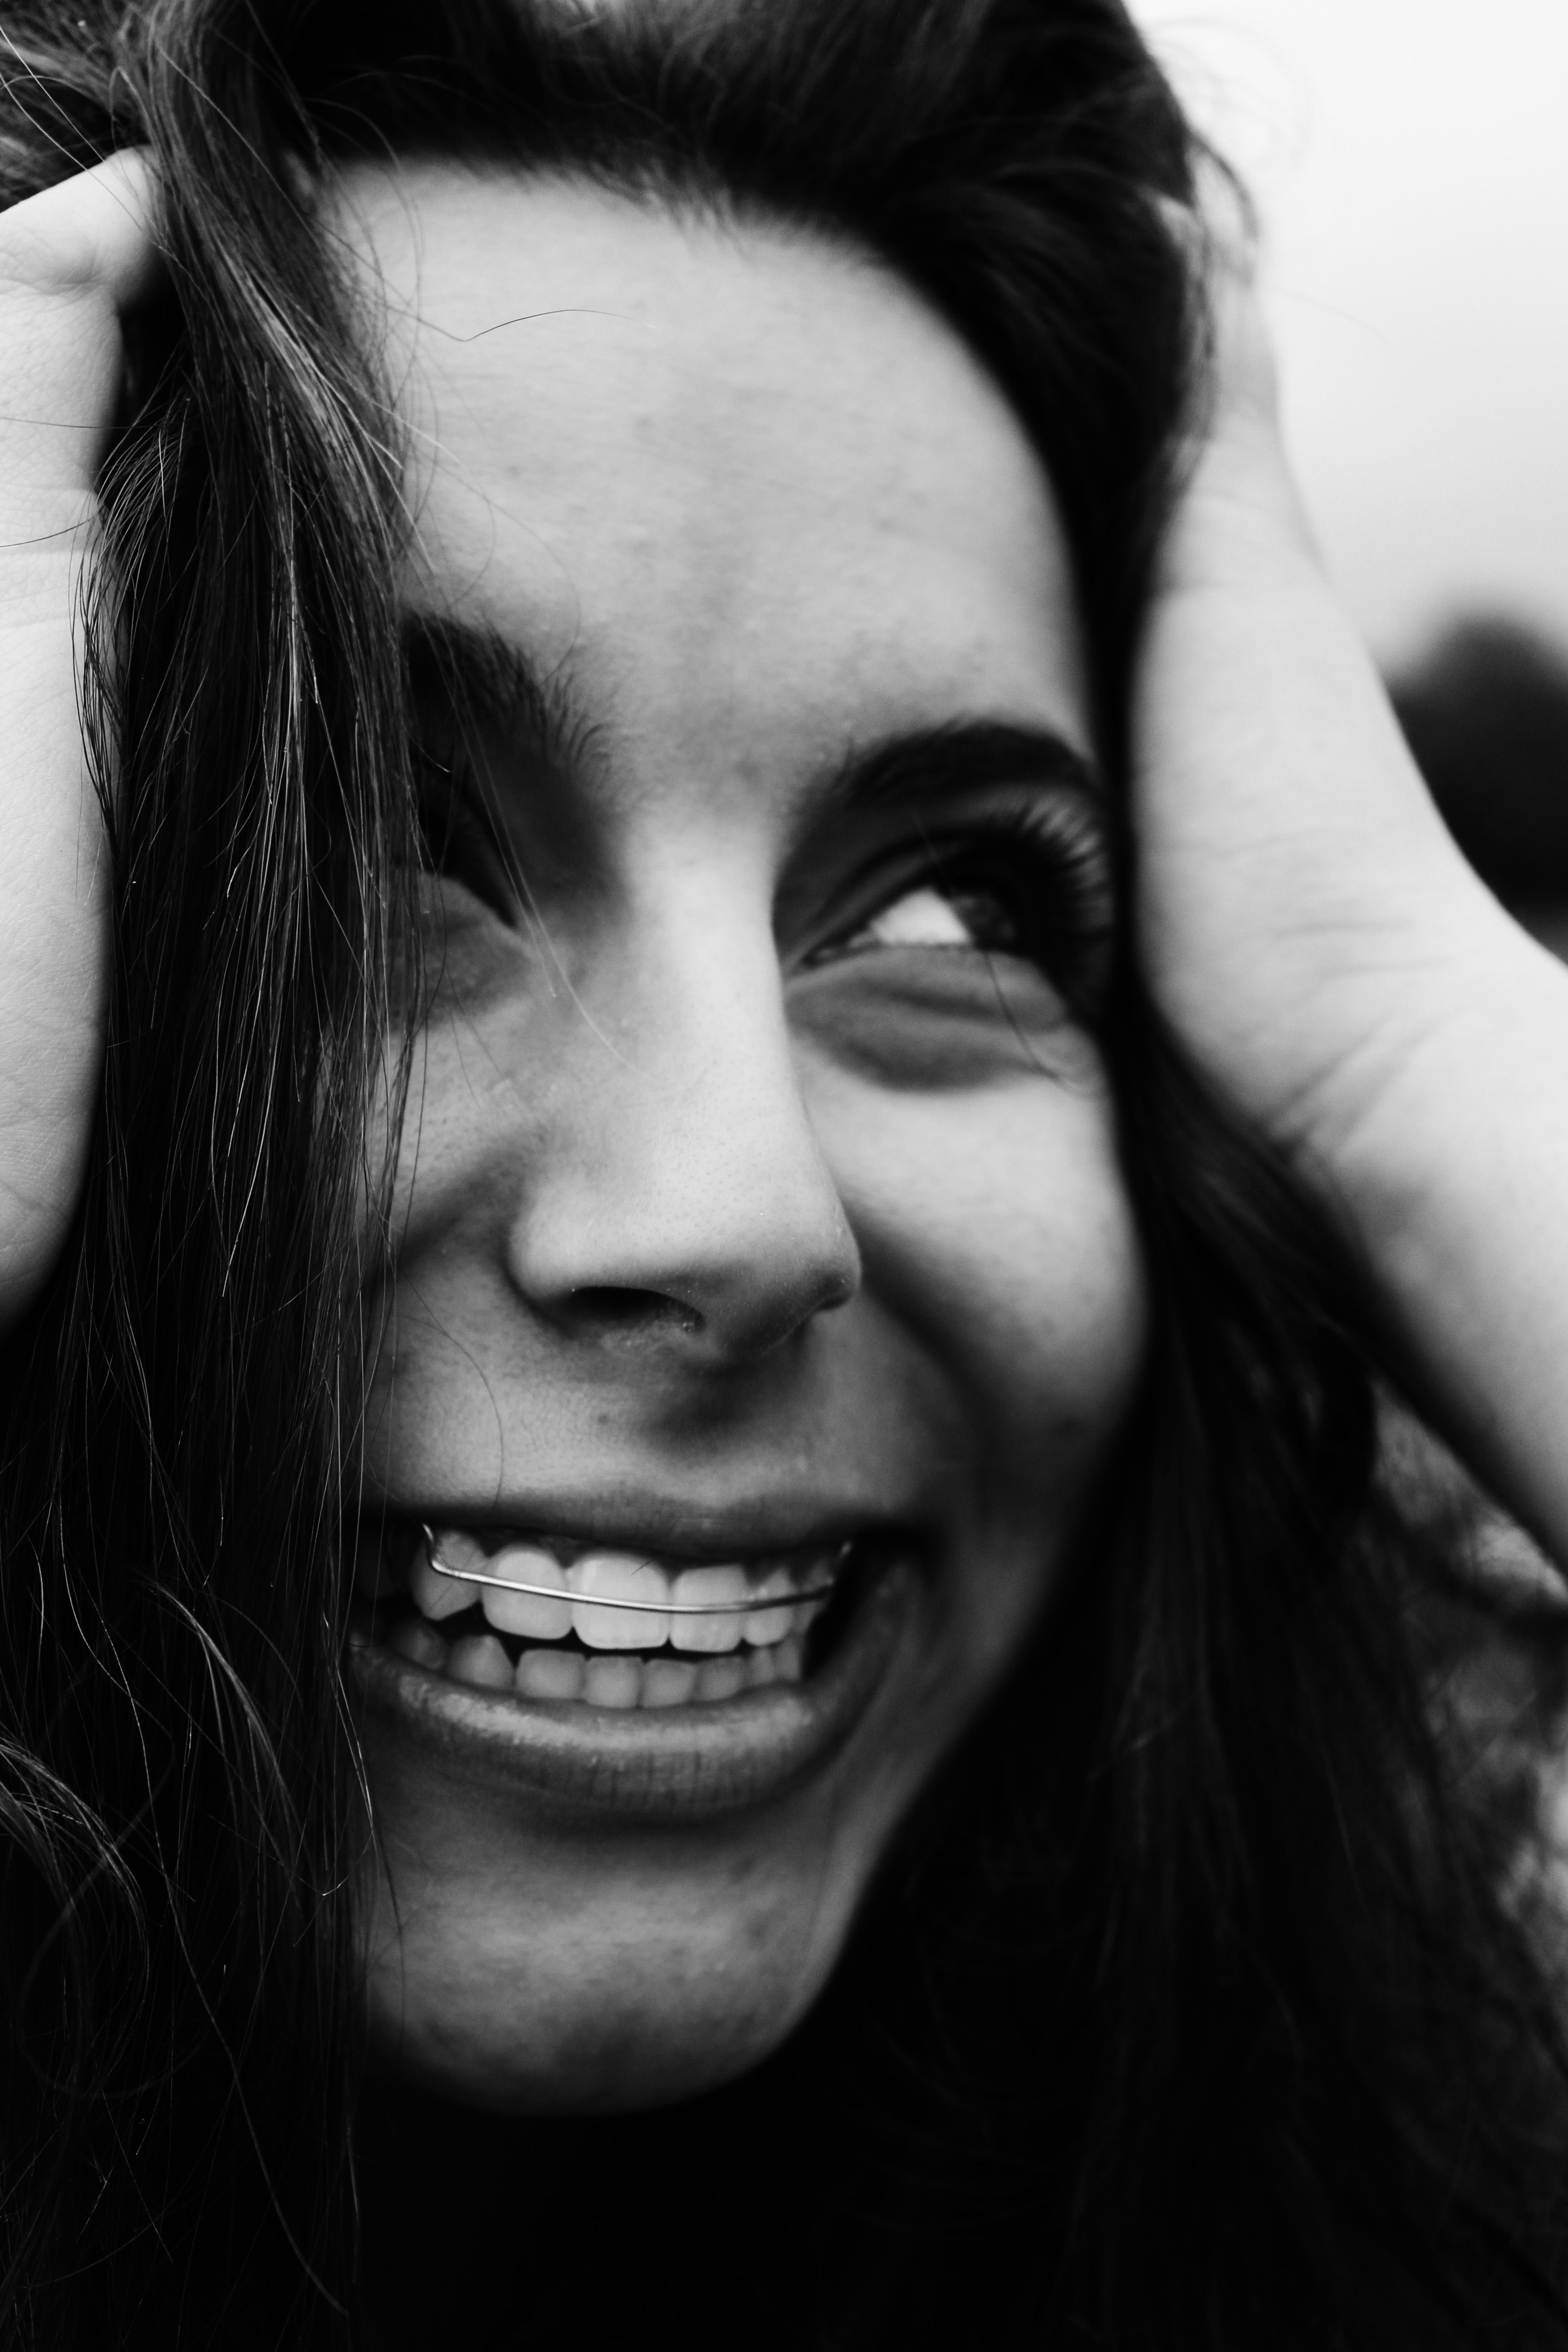 #portraitphotography